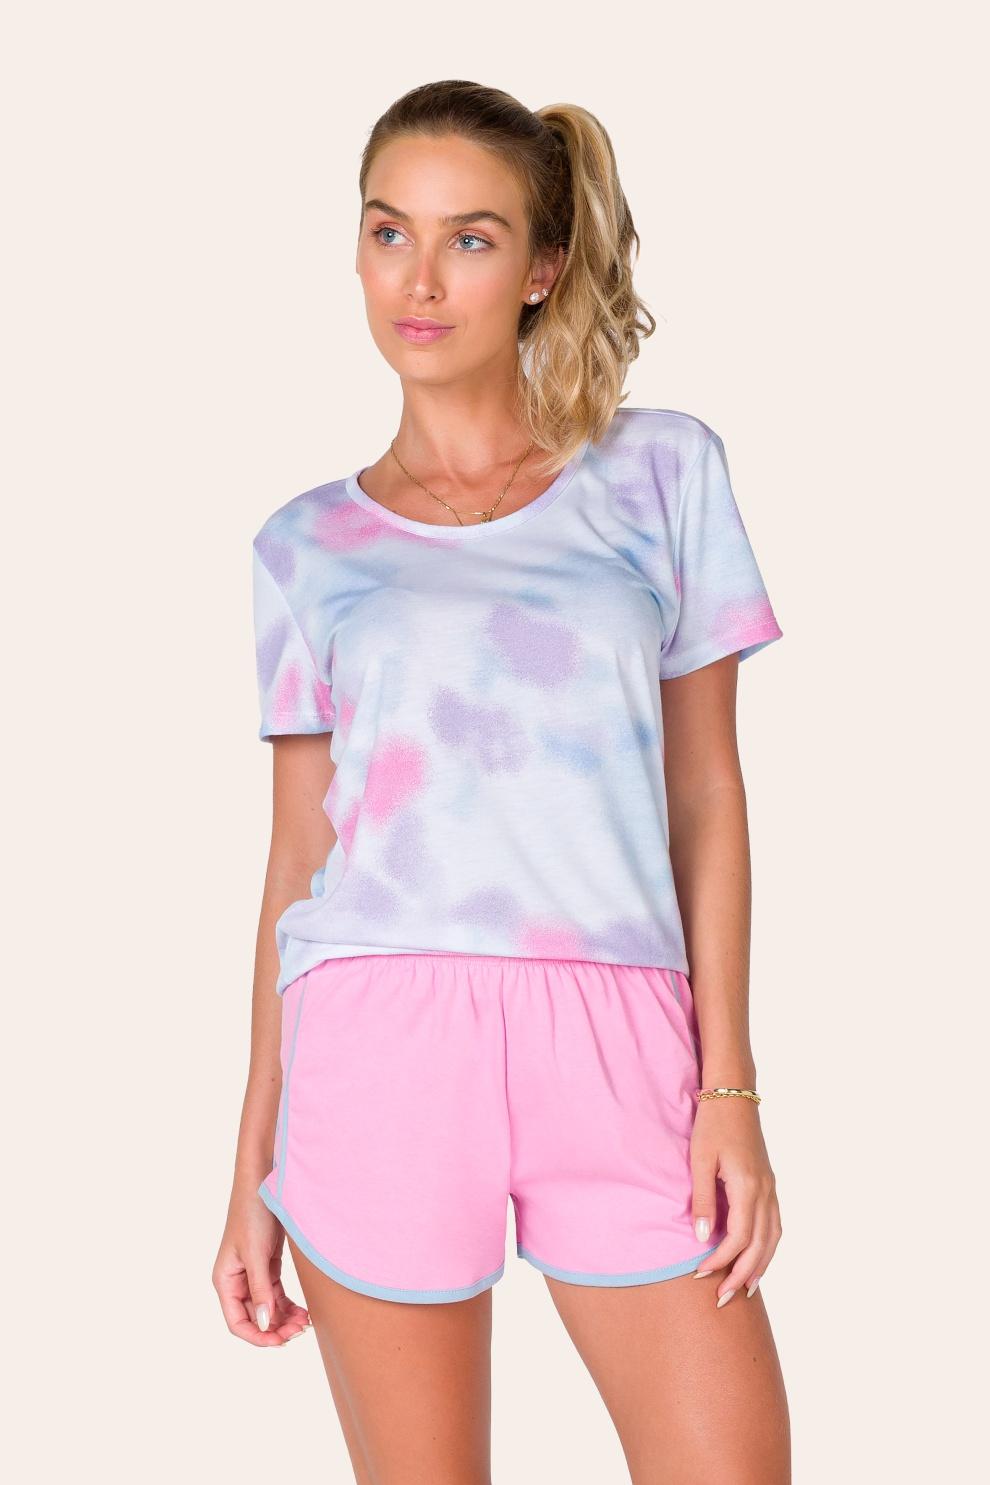 005/E - Short Doll Adulto Feminino Tie Dye